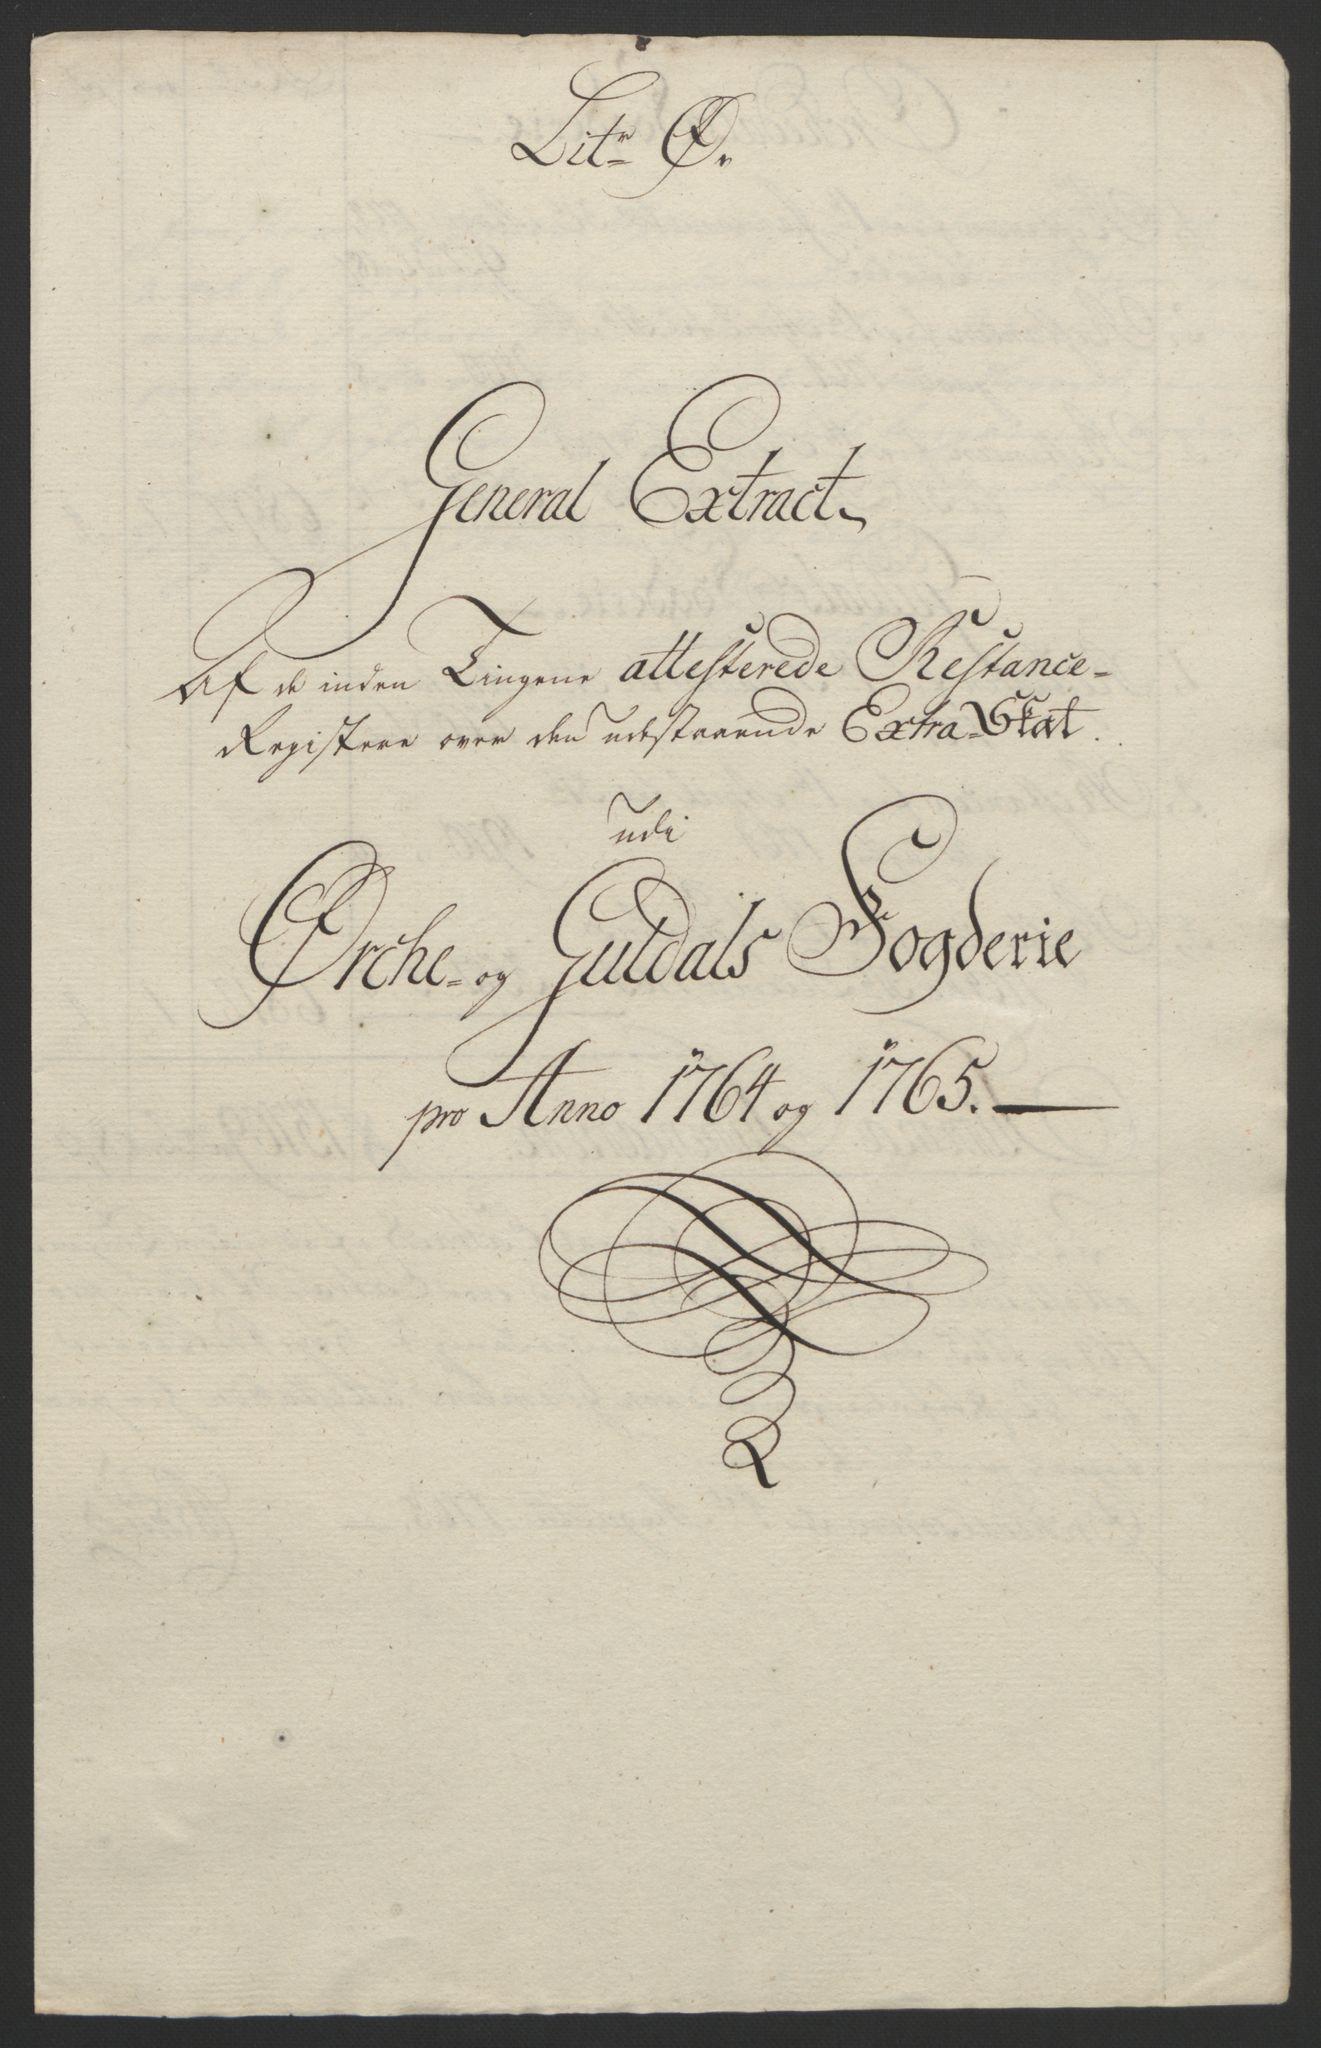 RA, Rentekammeret inntil 1814, Reviderte regnskaper, Fogderegnskap, R60/L4094: Ekstraskatten Orkdal og Gauldal, 1762-1765, s. 218